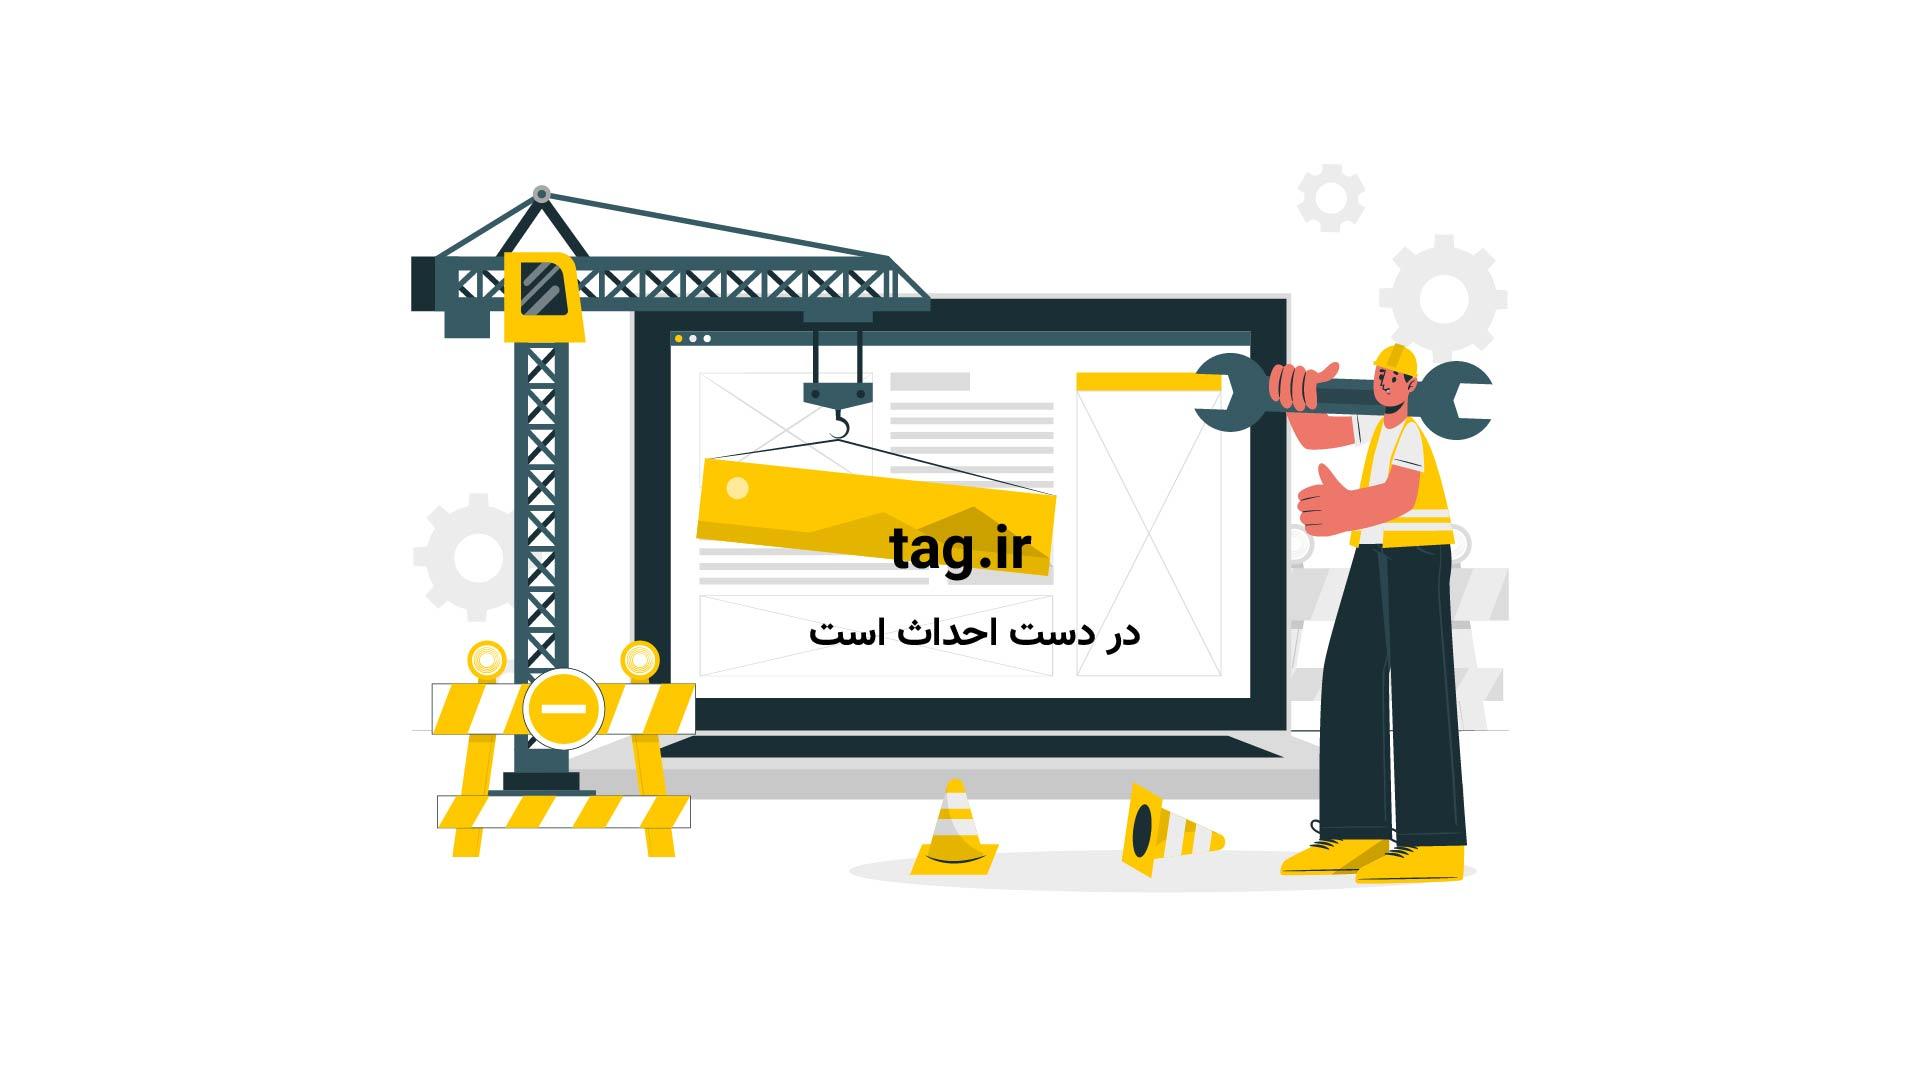 آموزش رسم سه بعدی کلاغ بر روی کاغذ | فیلم